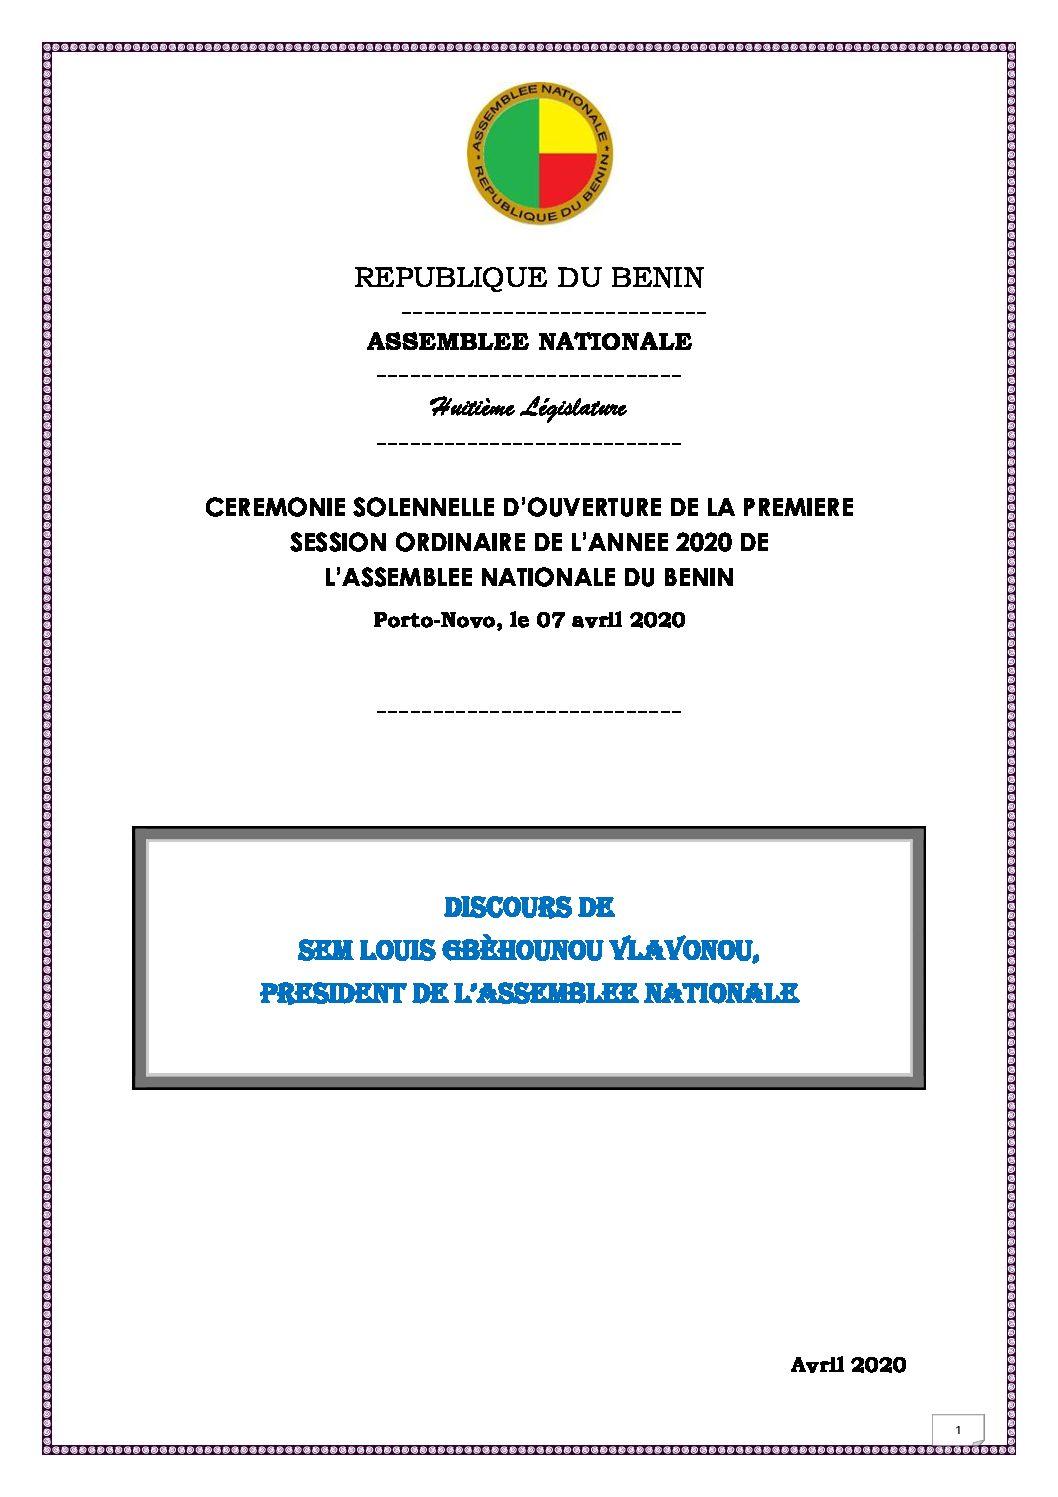 Ouverture de la 1ère session ordinaire 2020 de l'Assemblée nationale : Voici l'intégralité du discours du Président Louis G. Vlavonou